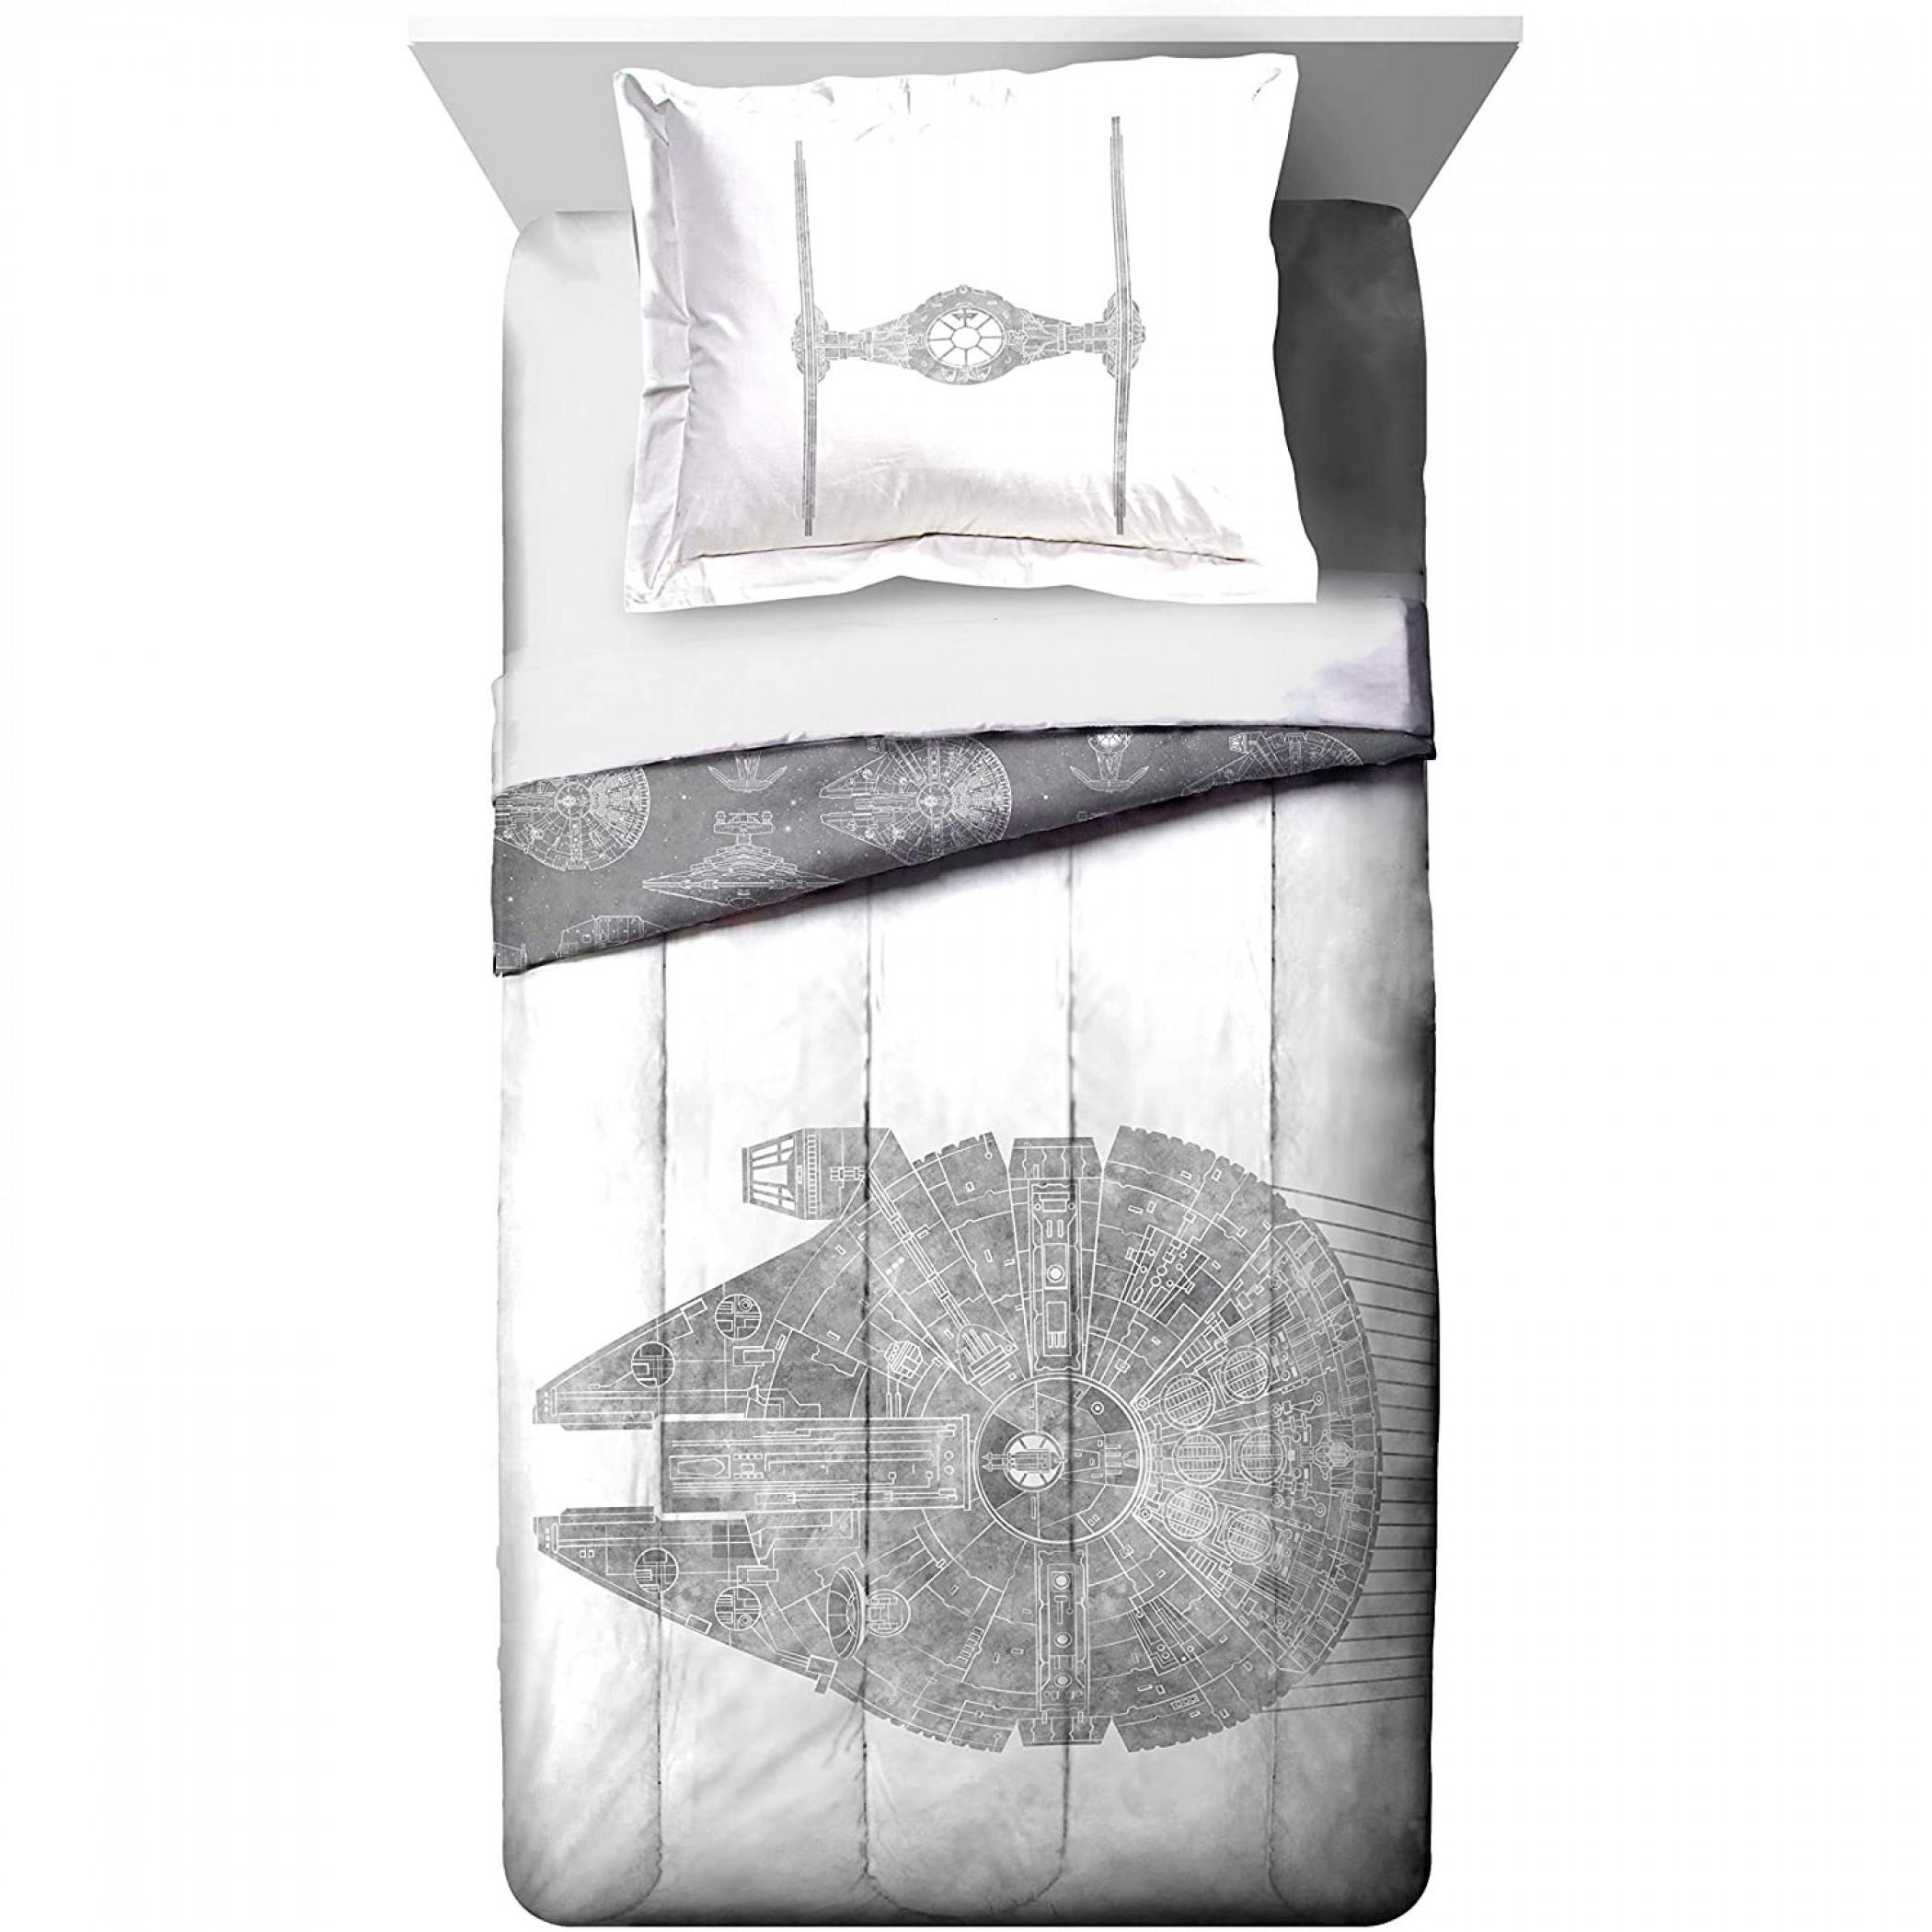 Star Wars Millenium Falcon Queen Size Comforter Bedding